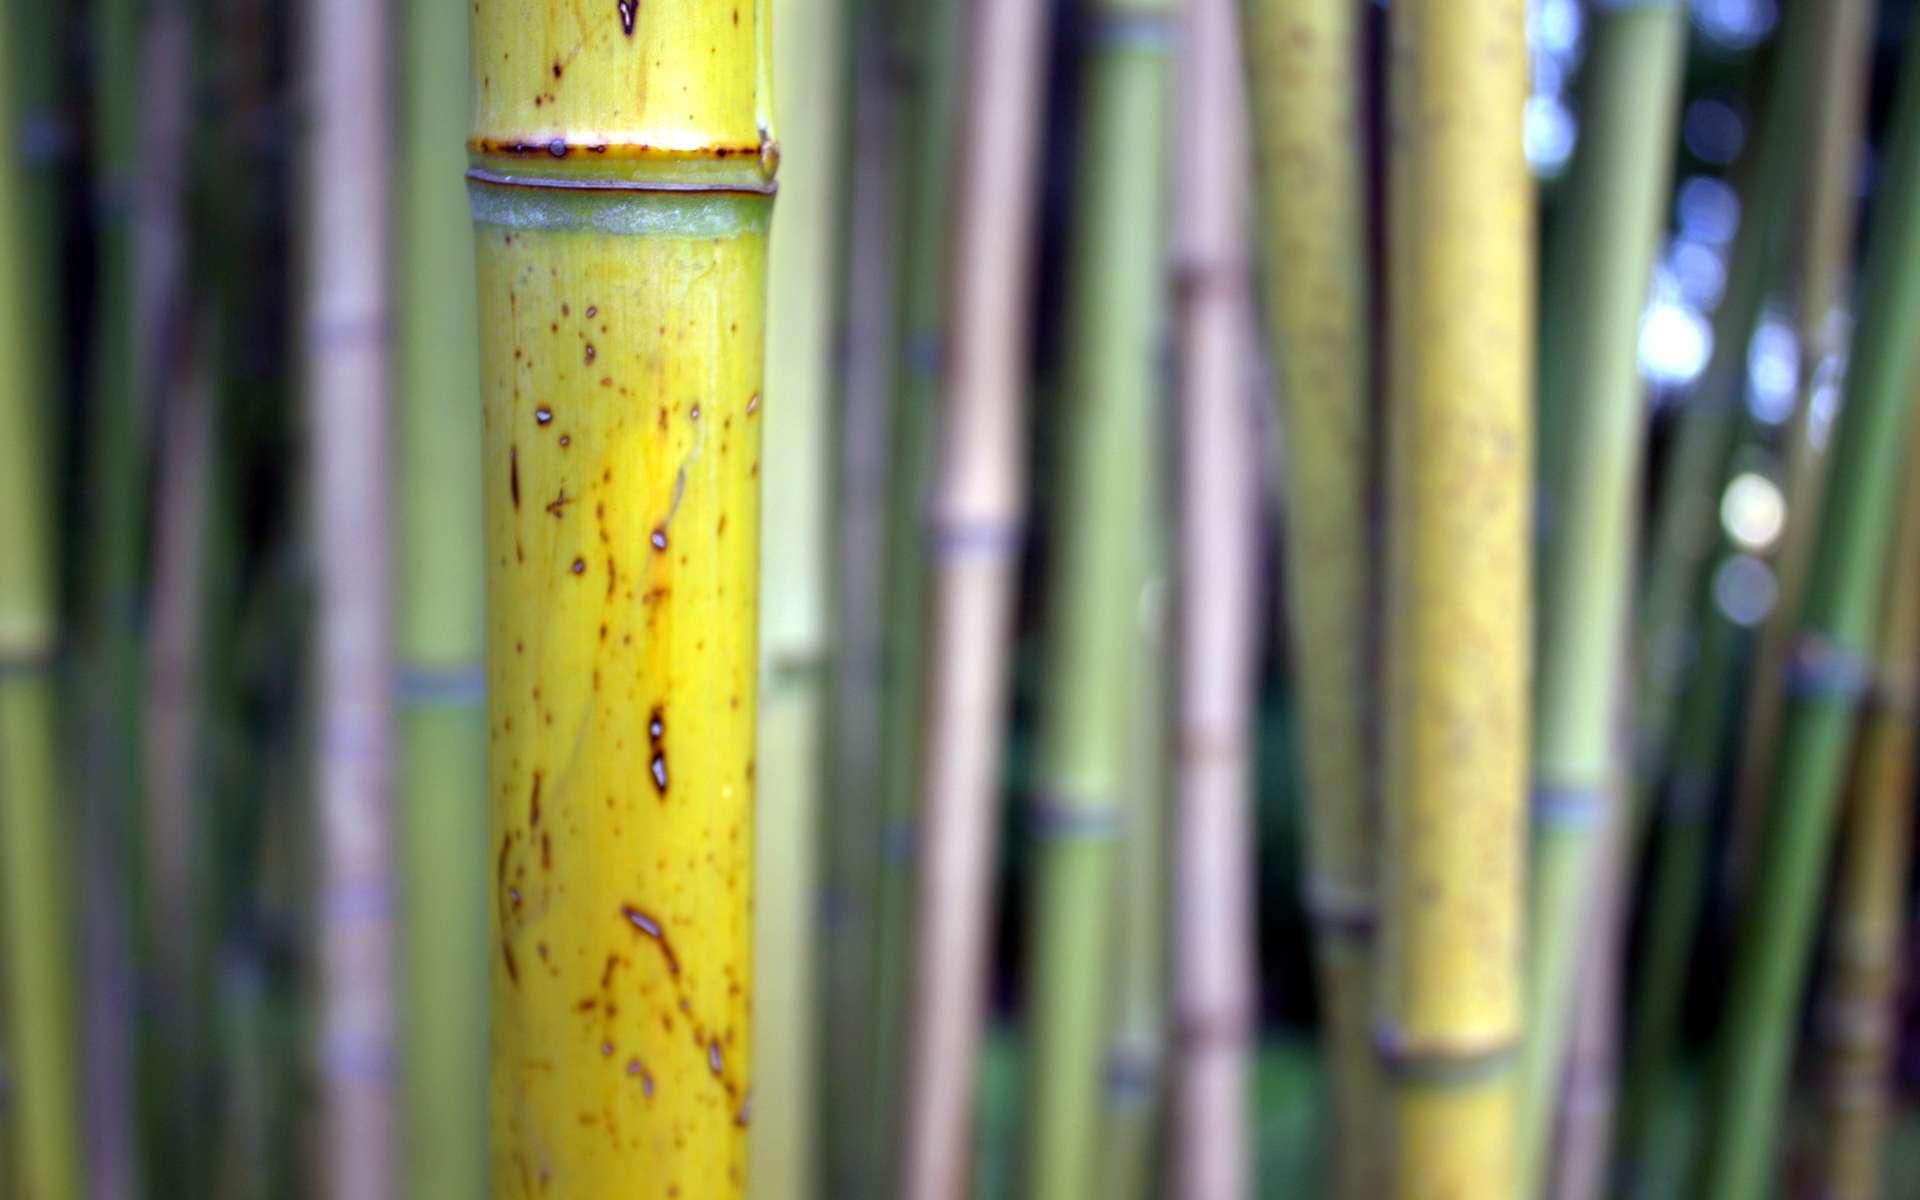 La paille japonaise est un revêtement mural en fibres de paille ou bambou. © Léna, CC BY 3.0, Wikimedia Commons